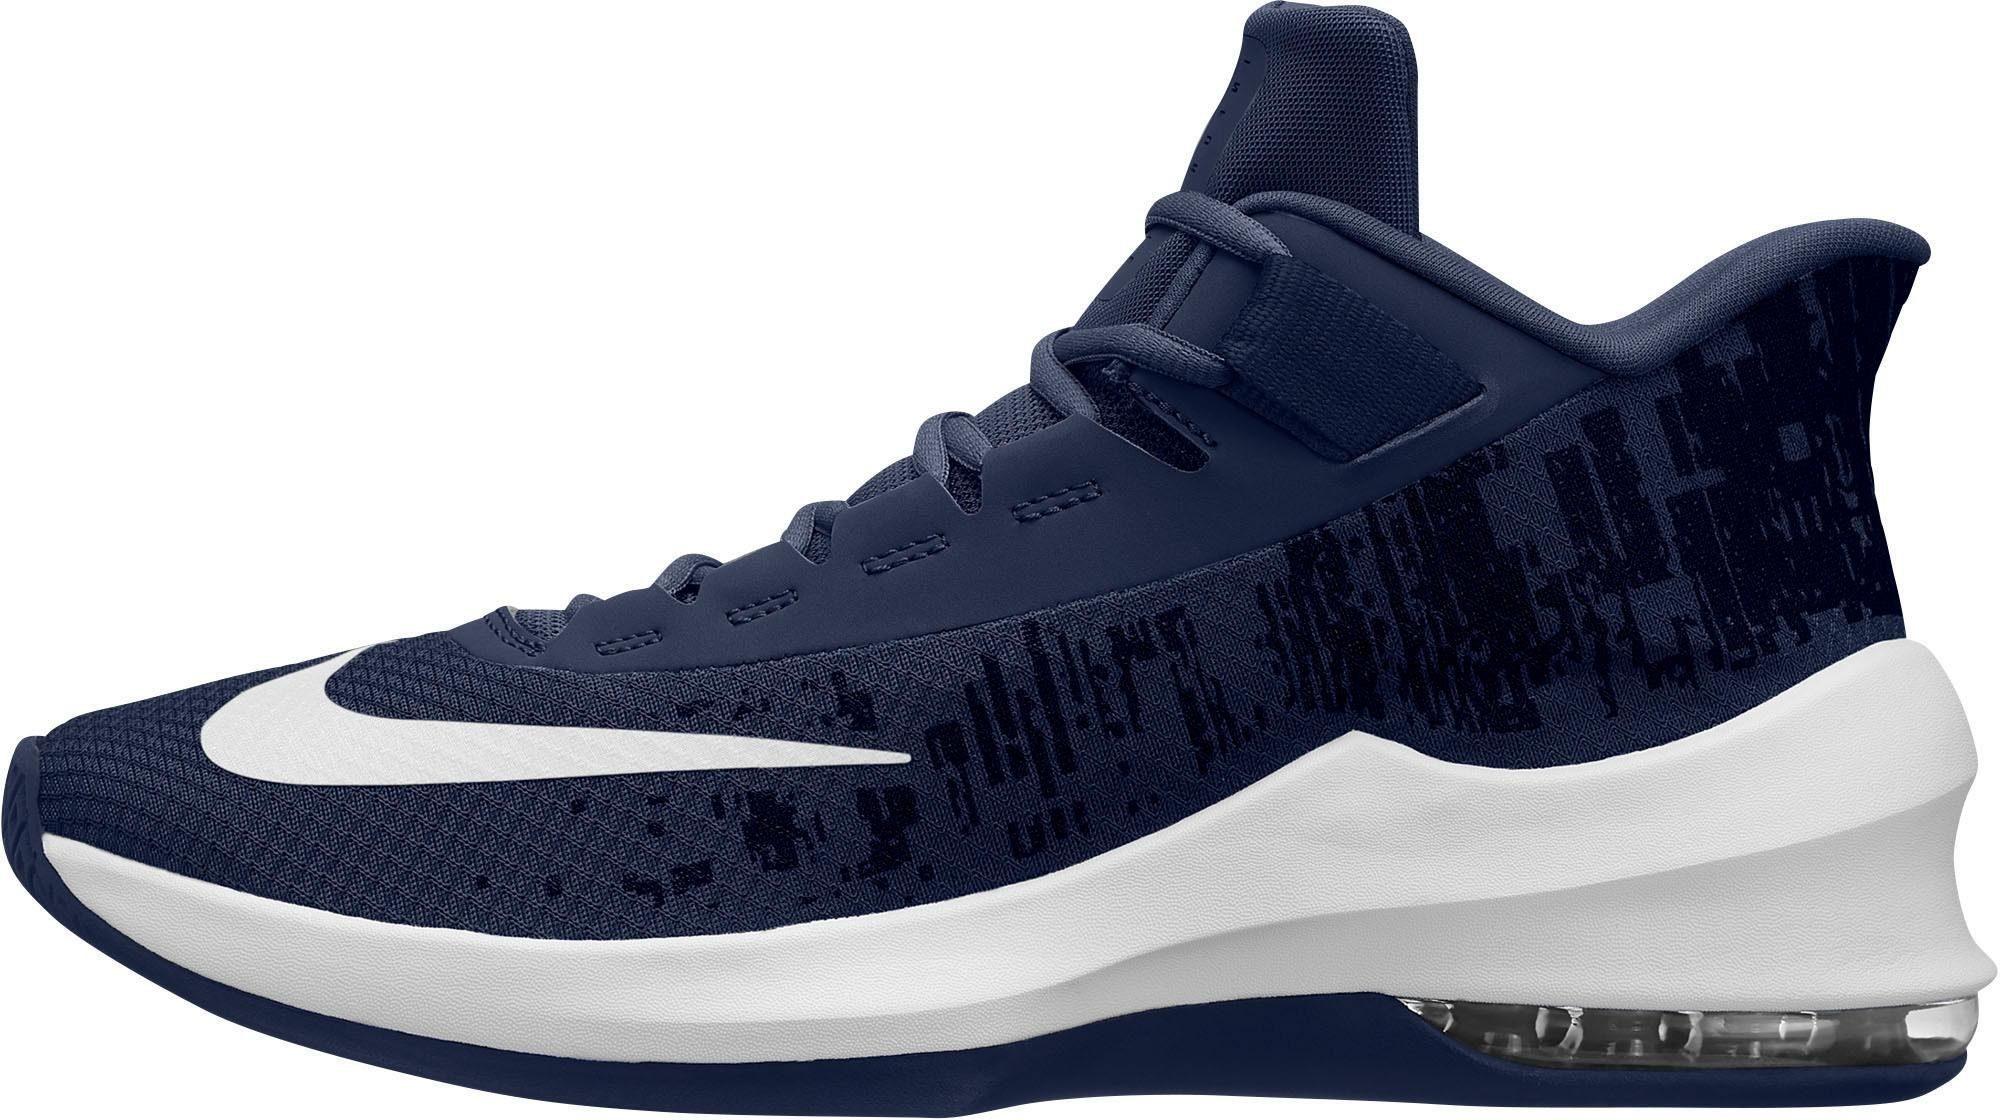 Nike »Air Max Infuriate 2 Mid« Basketballschuh   OTTO